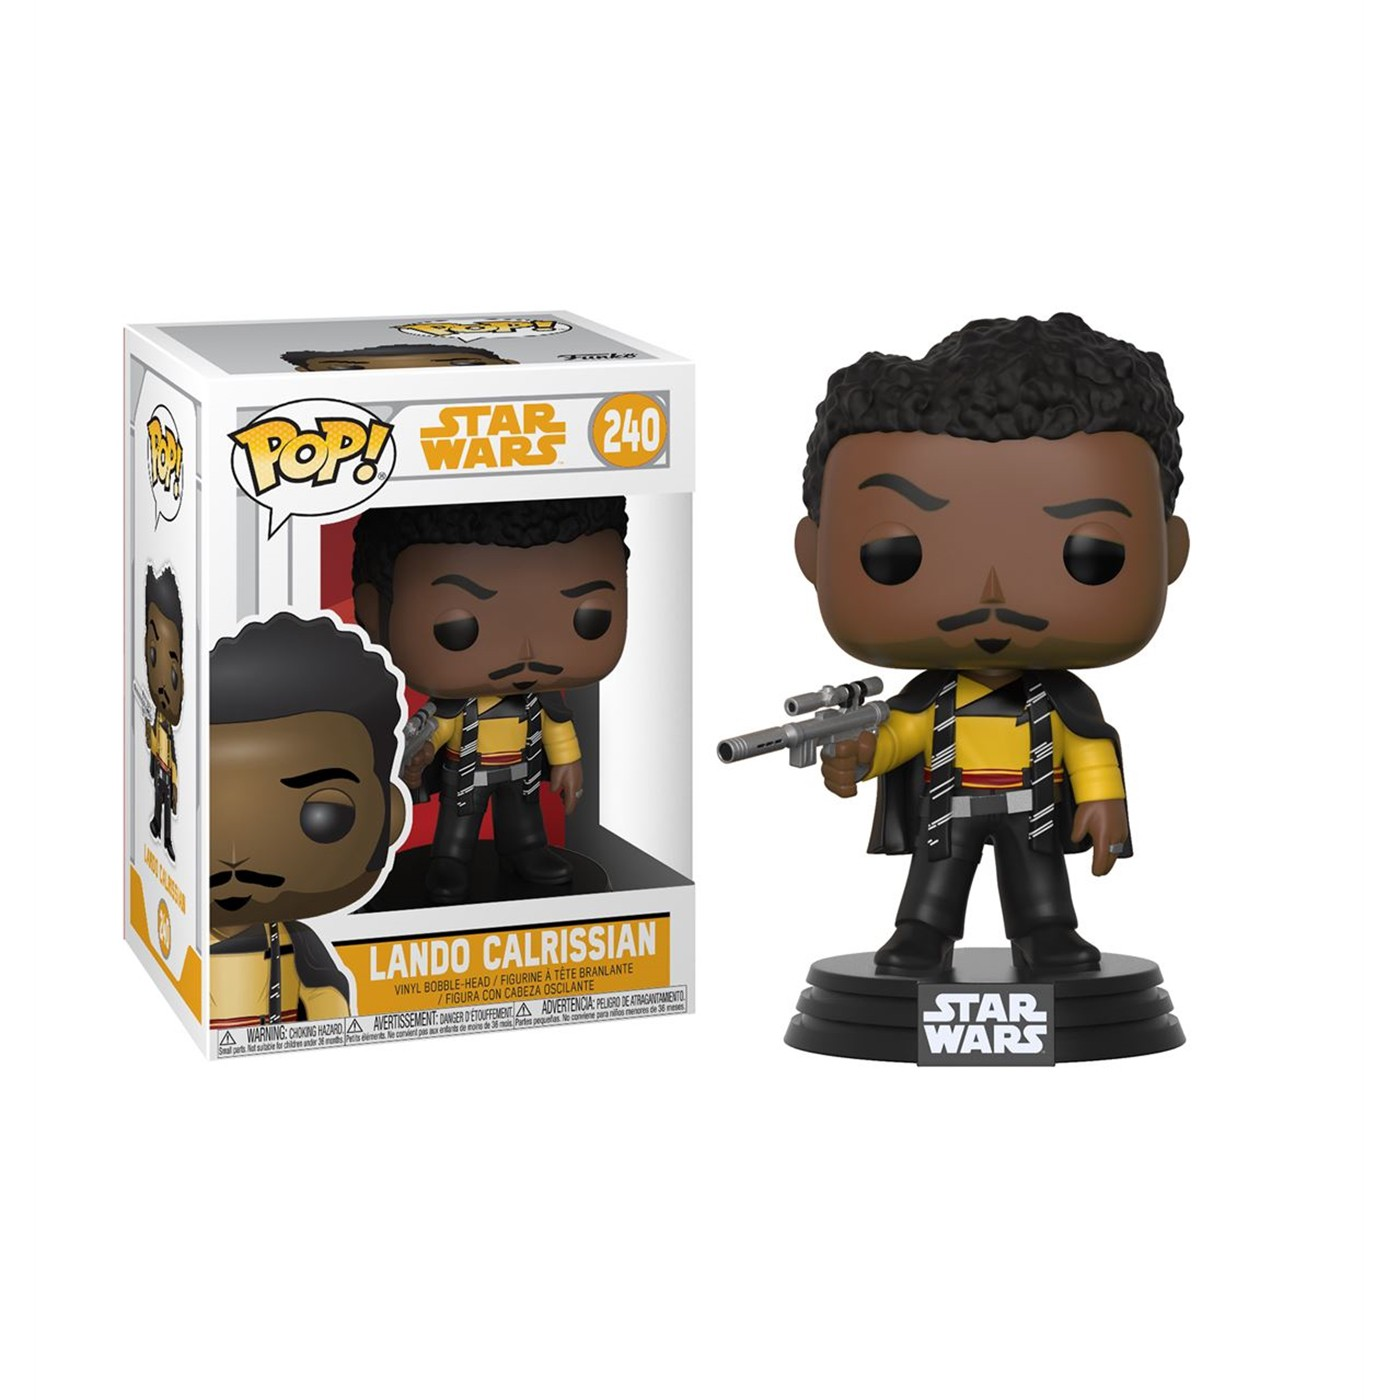 Star Wars Solo Lando Calrissian Funko Pop Bobble Head